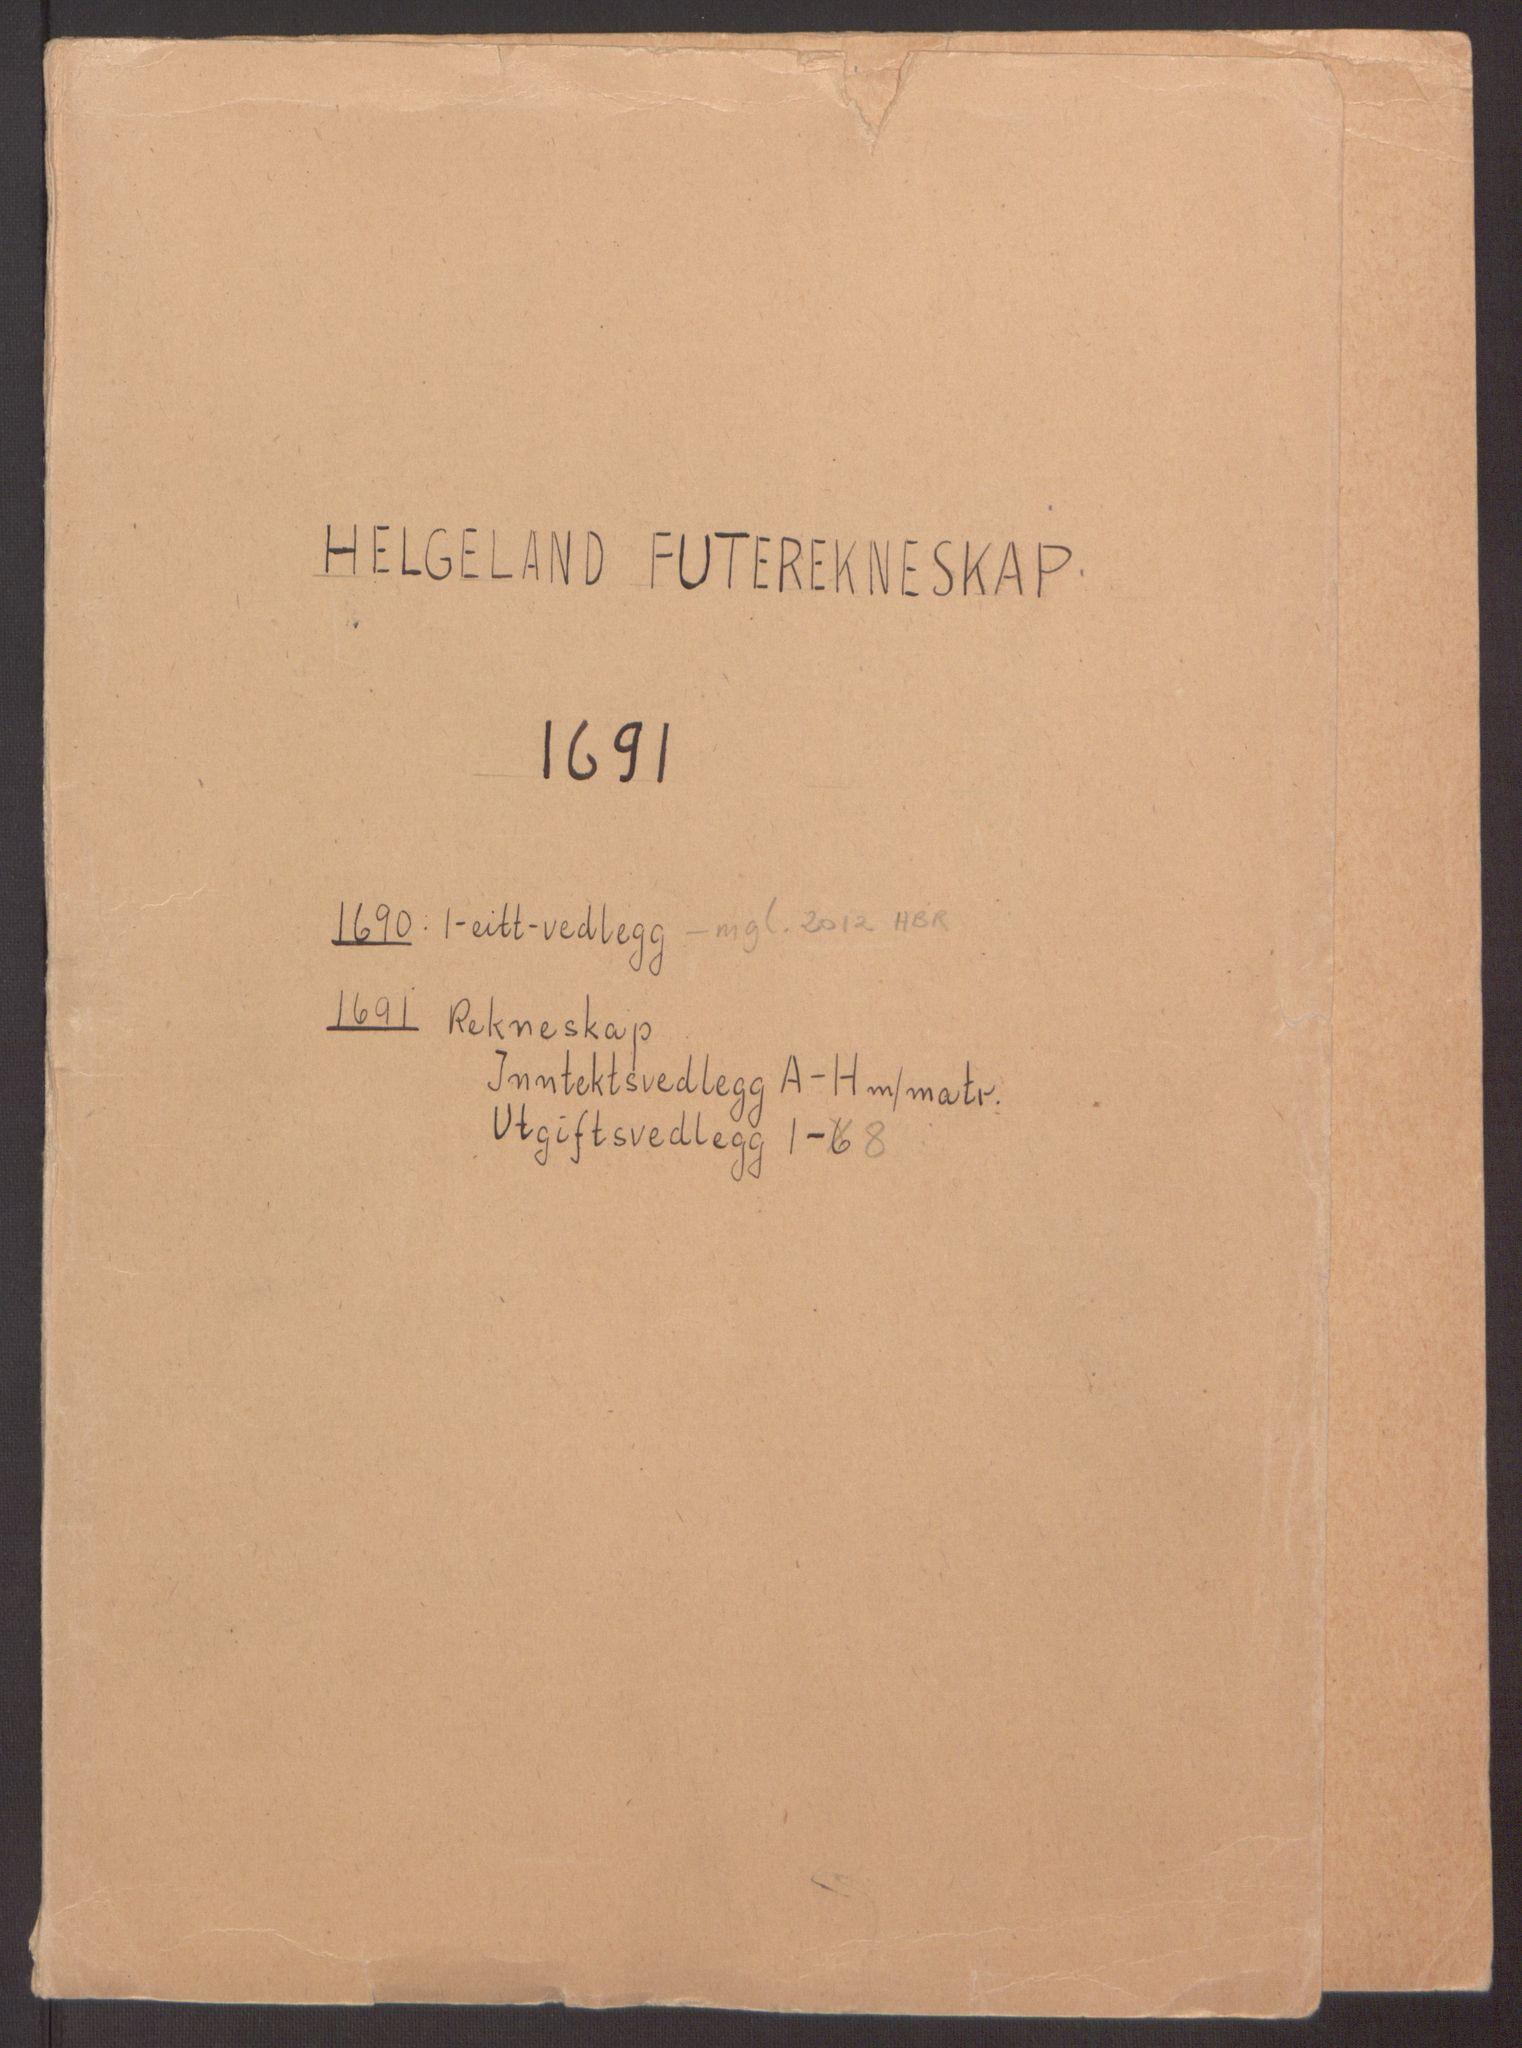 RA, Rentekammeret inntil 1814, Reviderte regnskaper, Fogderegnskap, R65/L4504: Fogderegnskap Helgeland, 1691-1692, s. 2